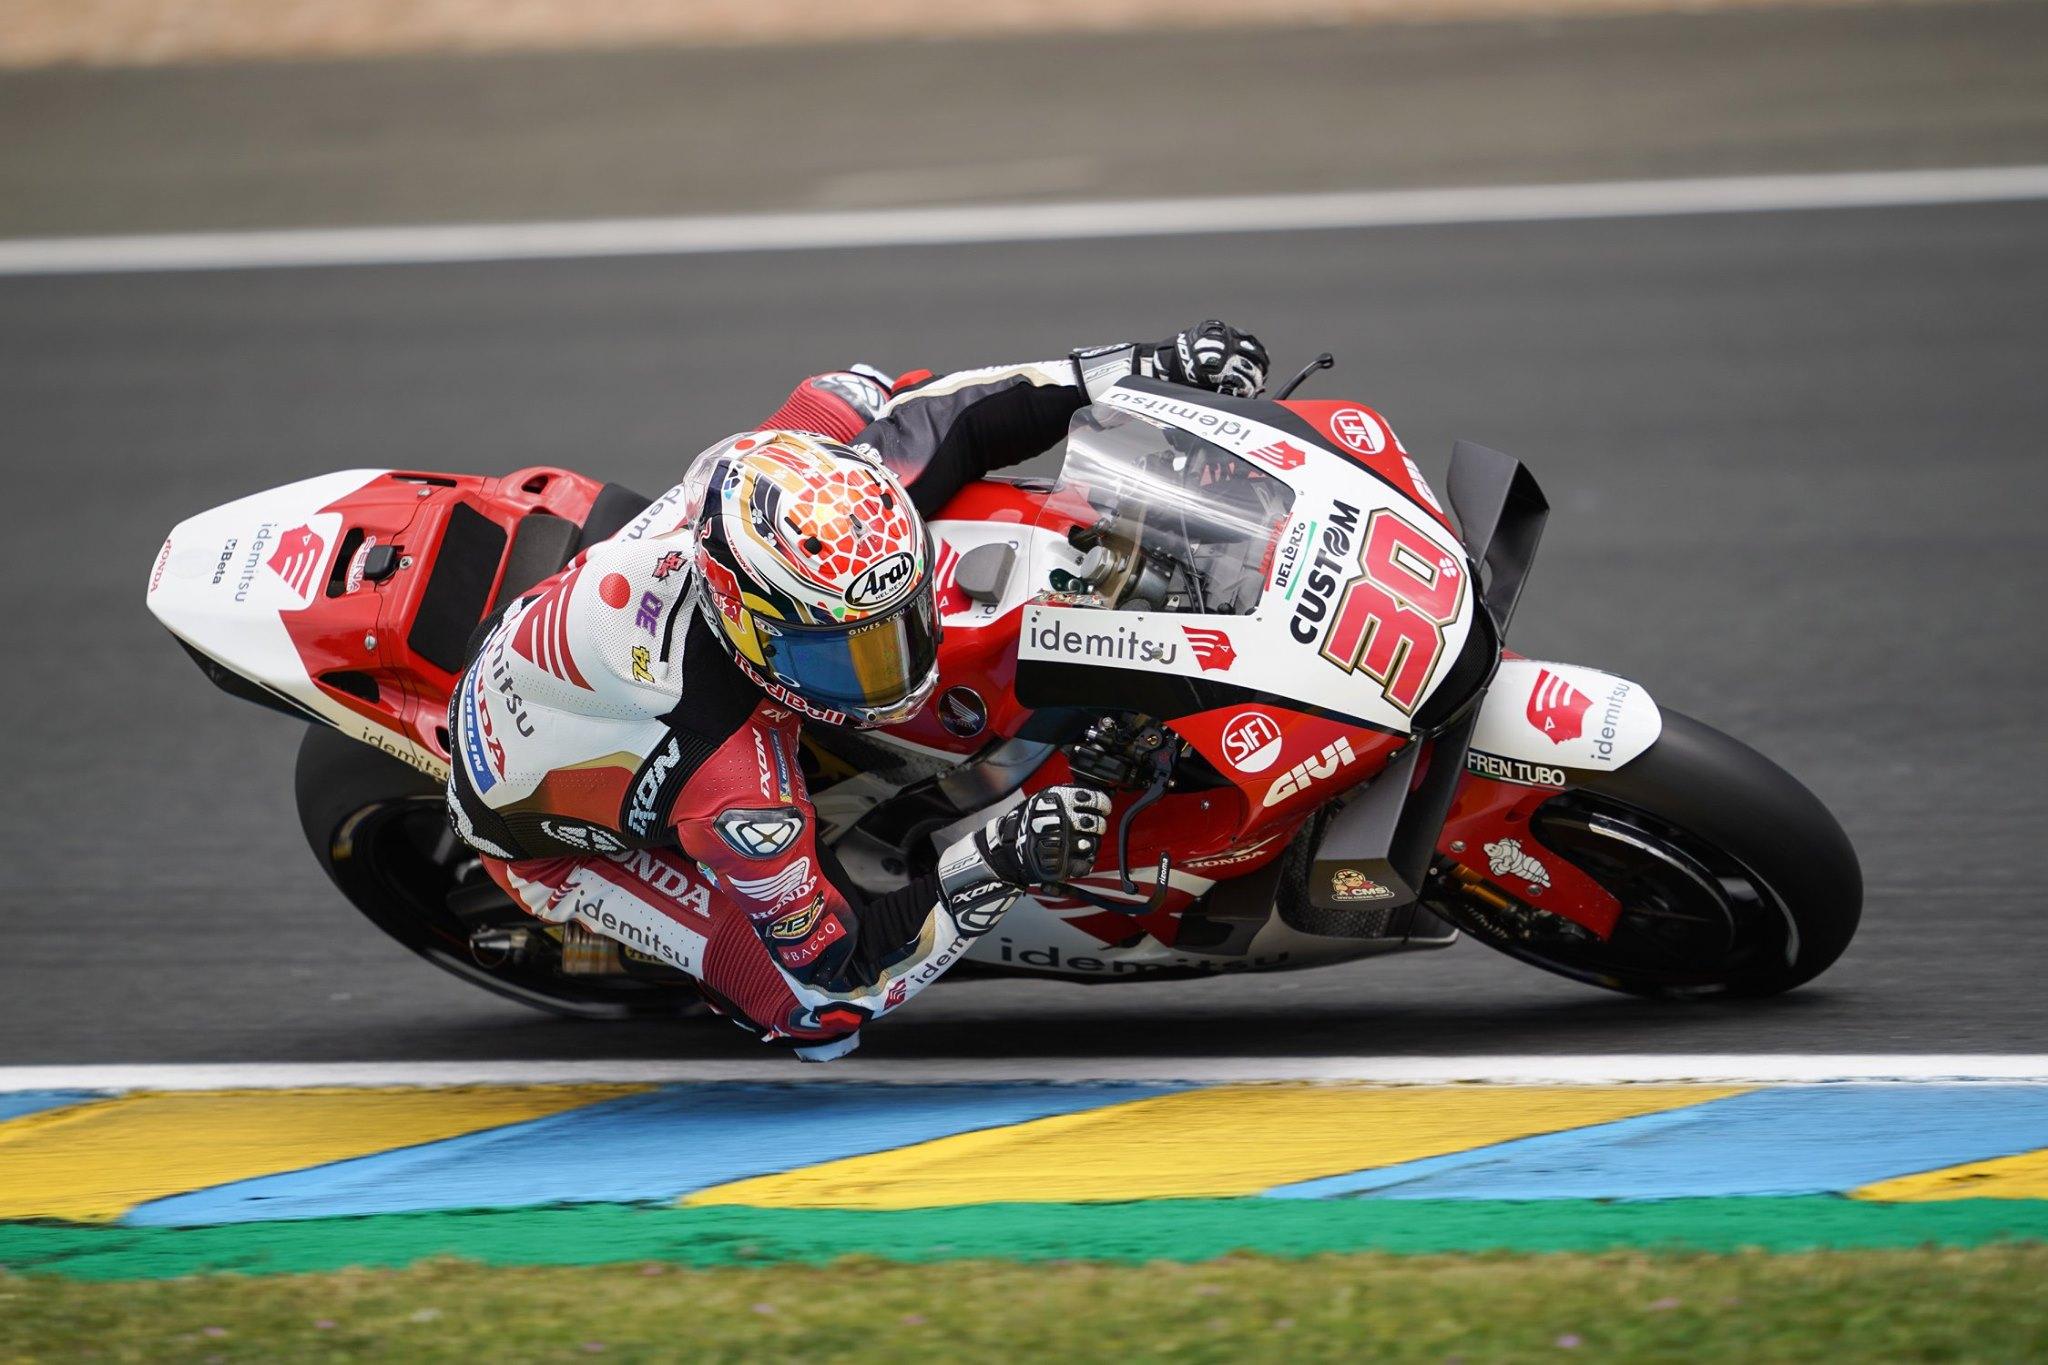 フランスGP 初日総合10位 中上貴晶「トップ10を獲得できた事はポジティブ」